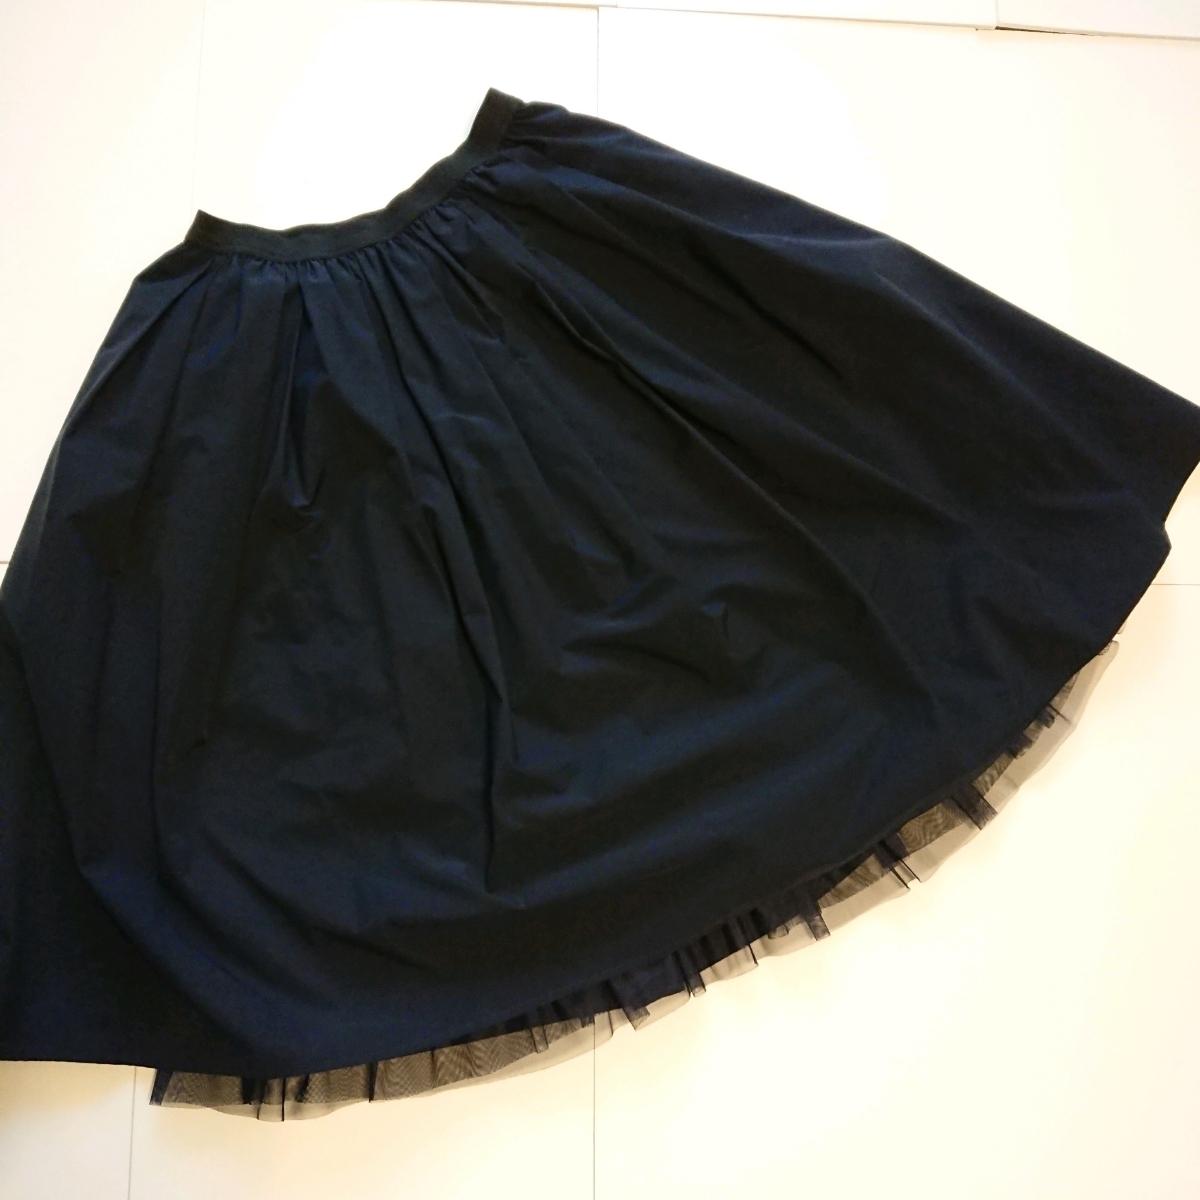 エムズグレイシー カタログ掲載 裾オーガンジースカート_画像2